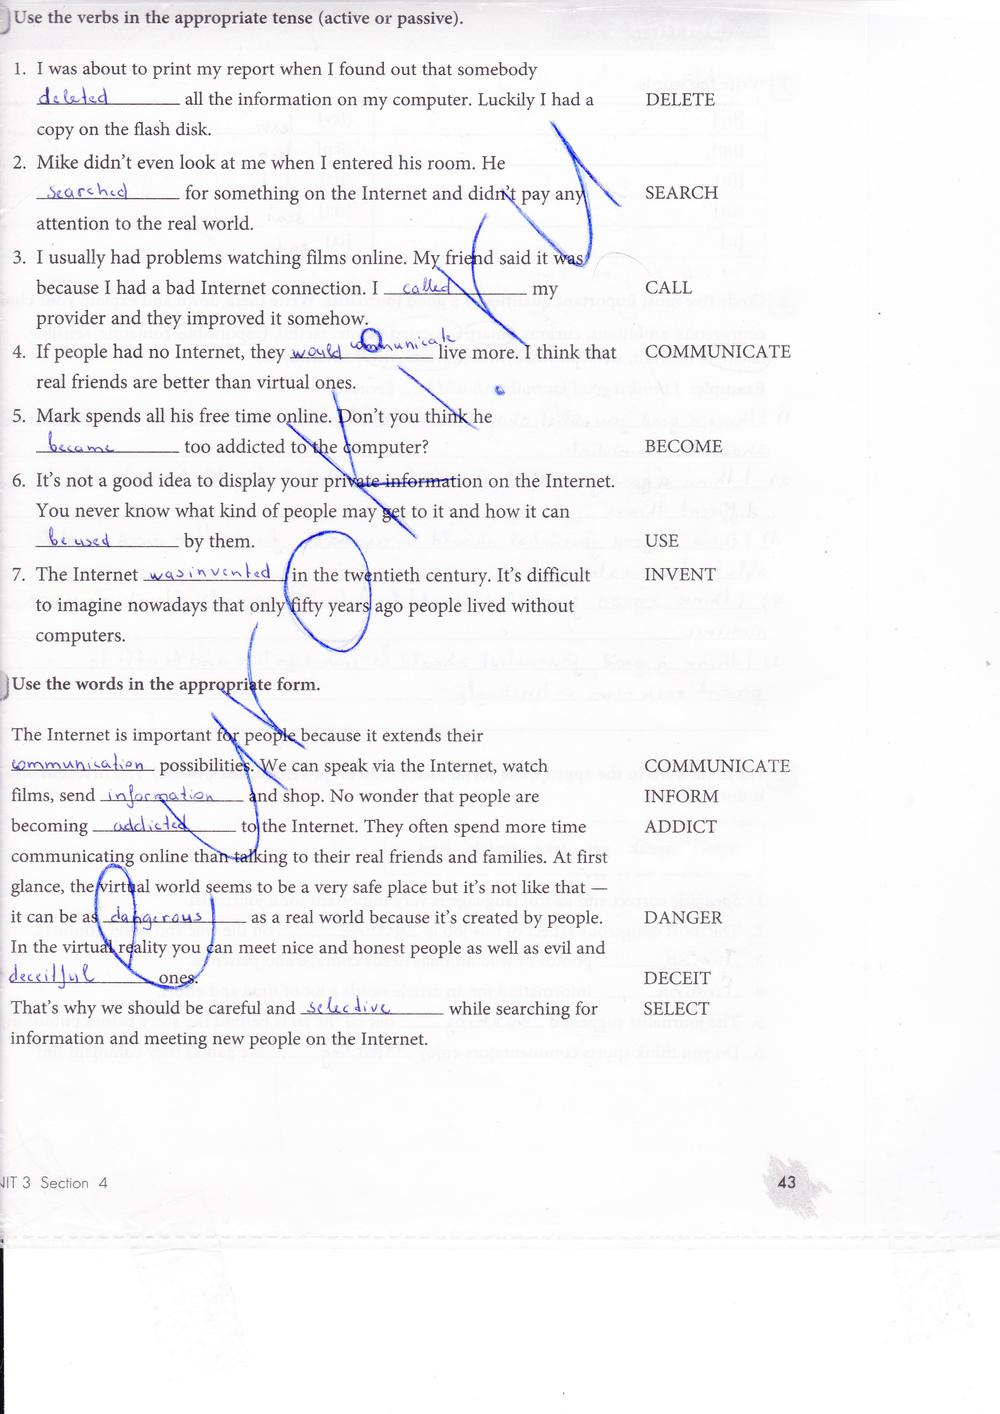 Биболетова рабочая тетрадь бабушис гдз класс 8 английскому по